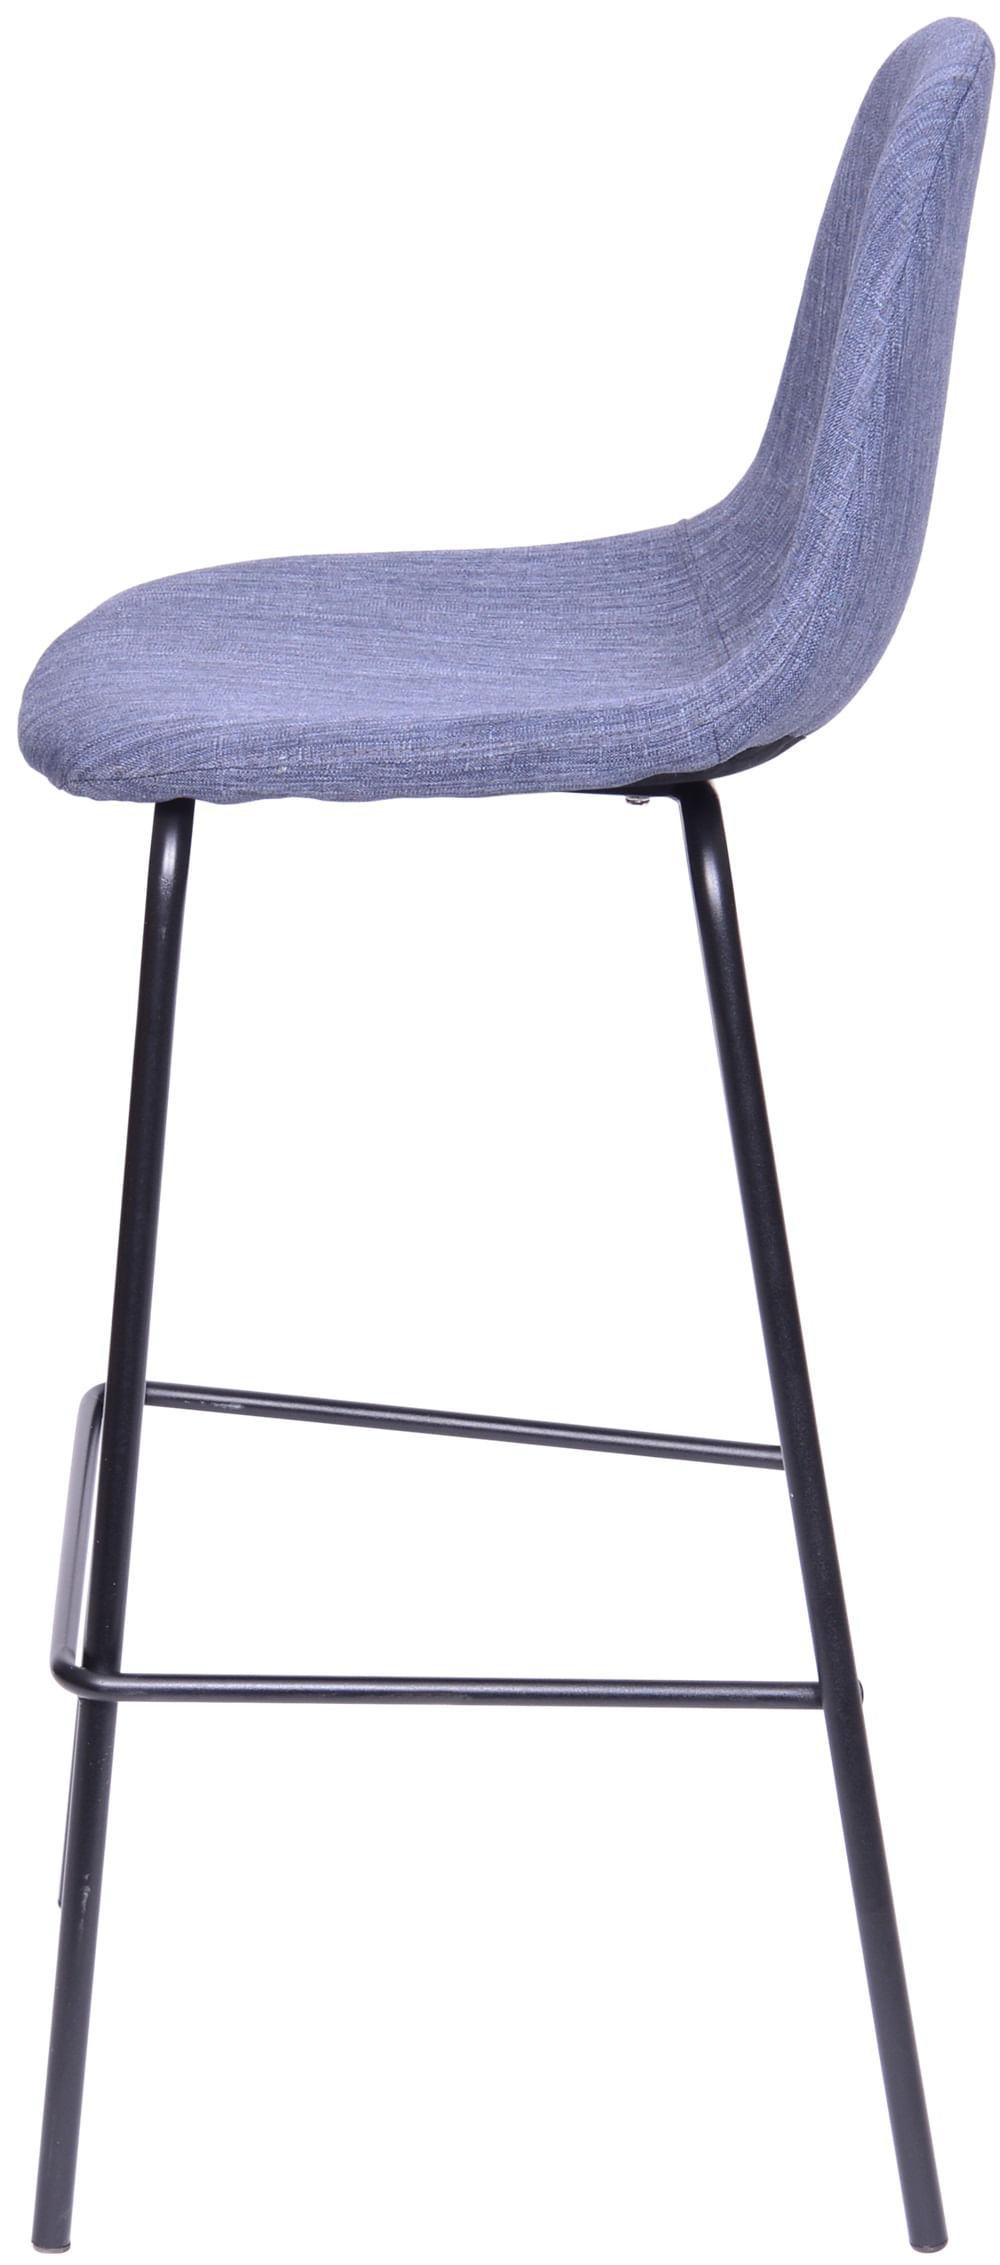 Banqueta Eames Retro Linho Azul Jeans Estrutura Preta - 46193